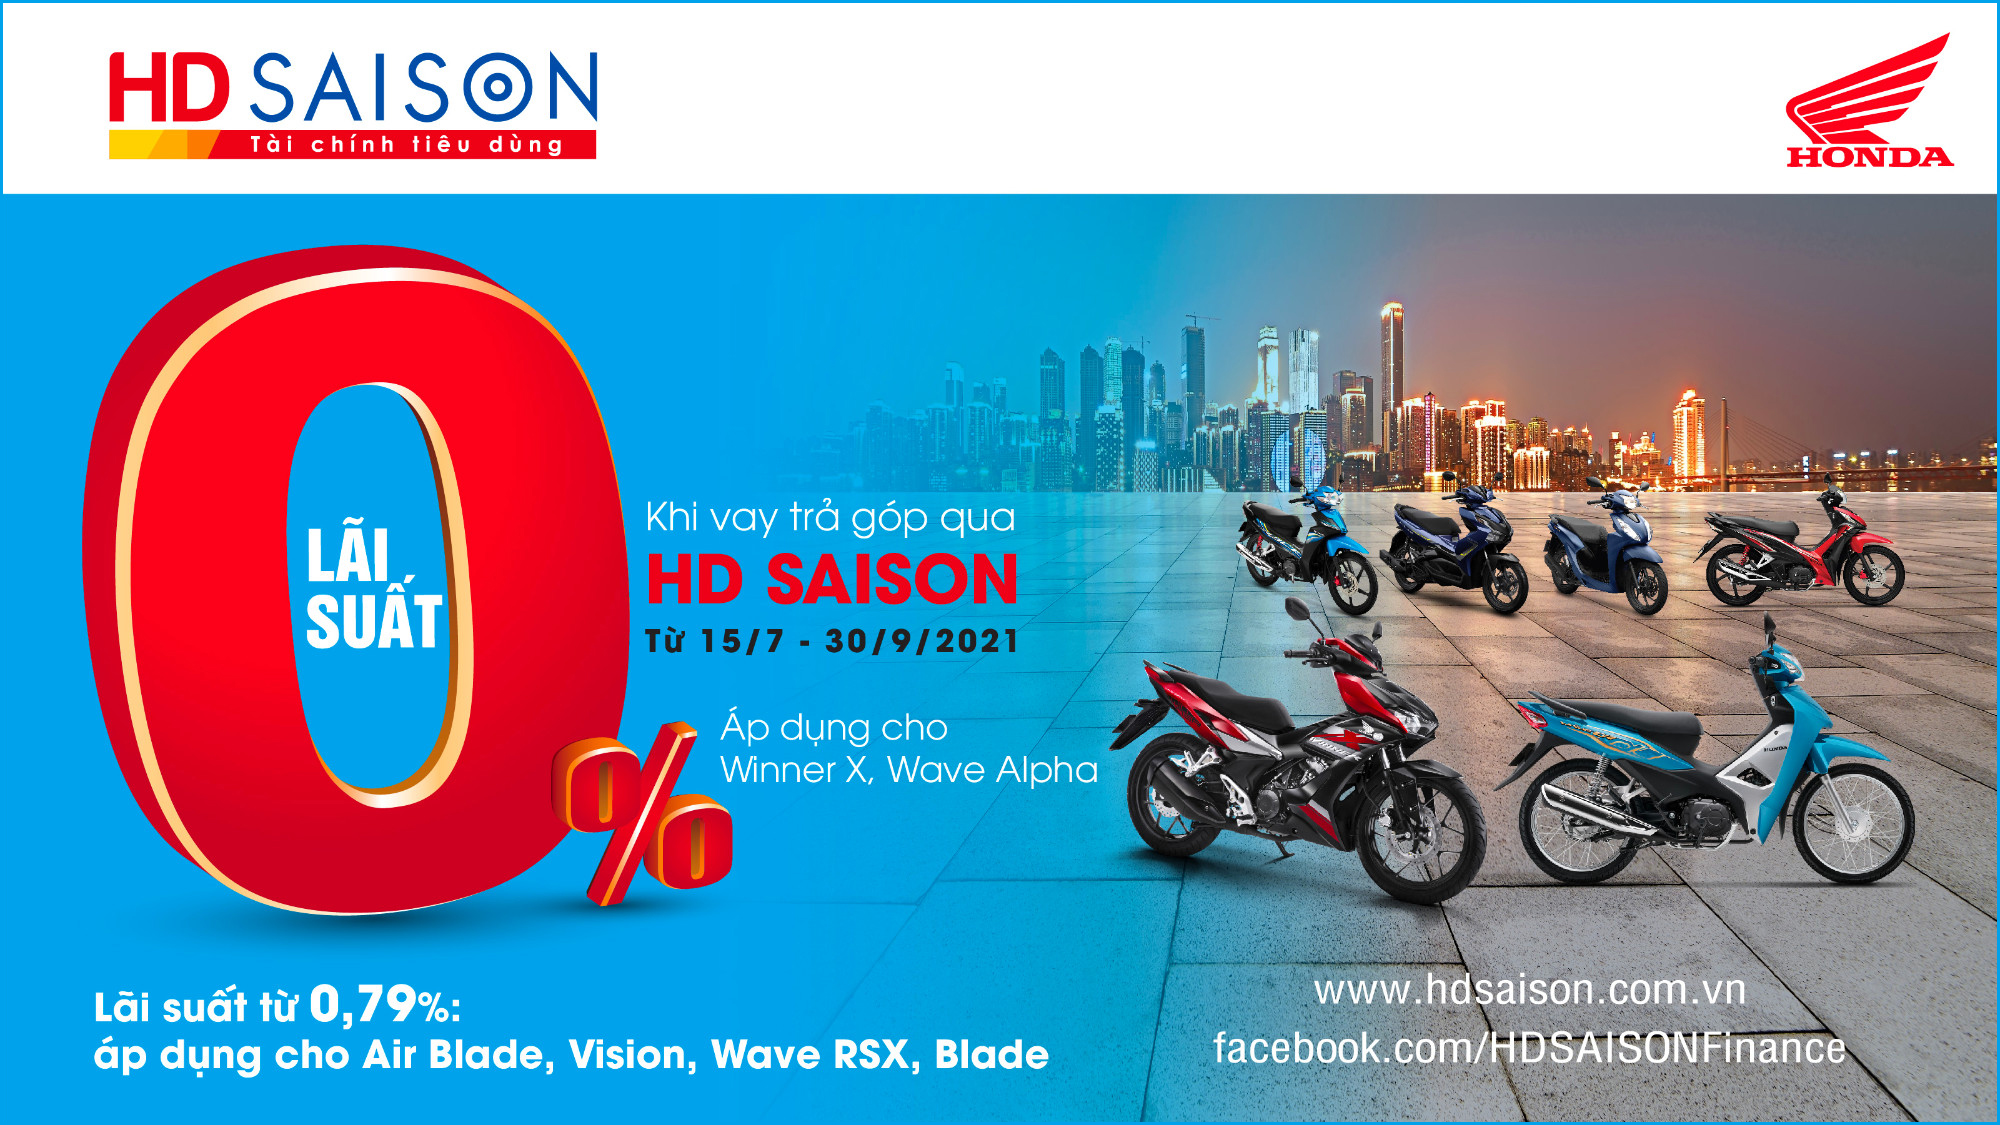 Sở hữu ngay xe mới với gói vay lãi suất 0% từ HD SAISON